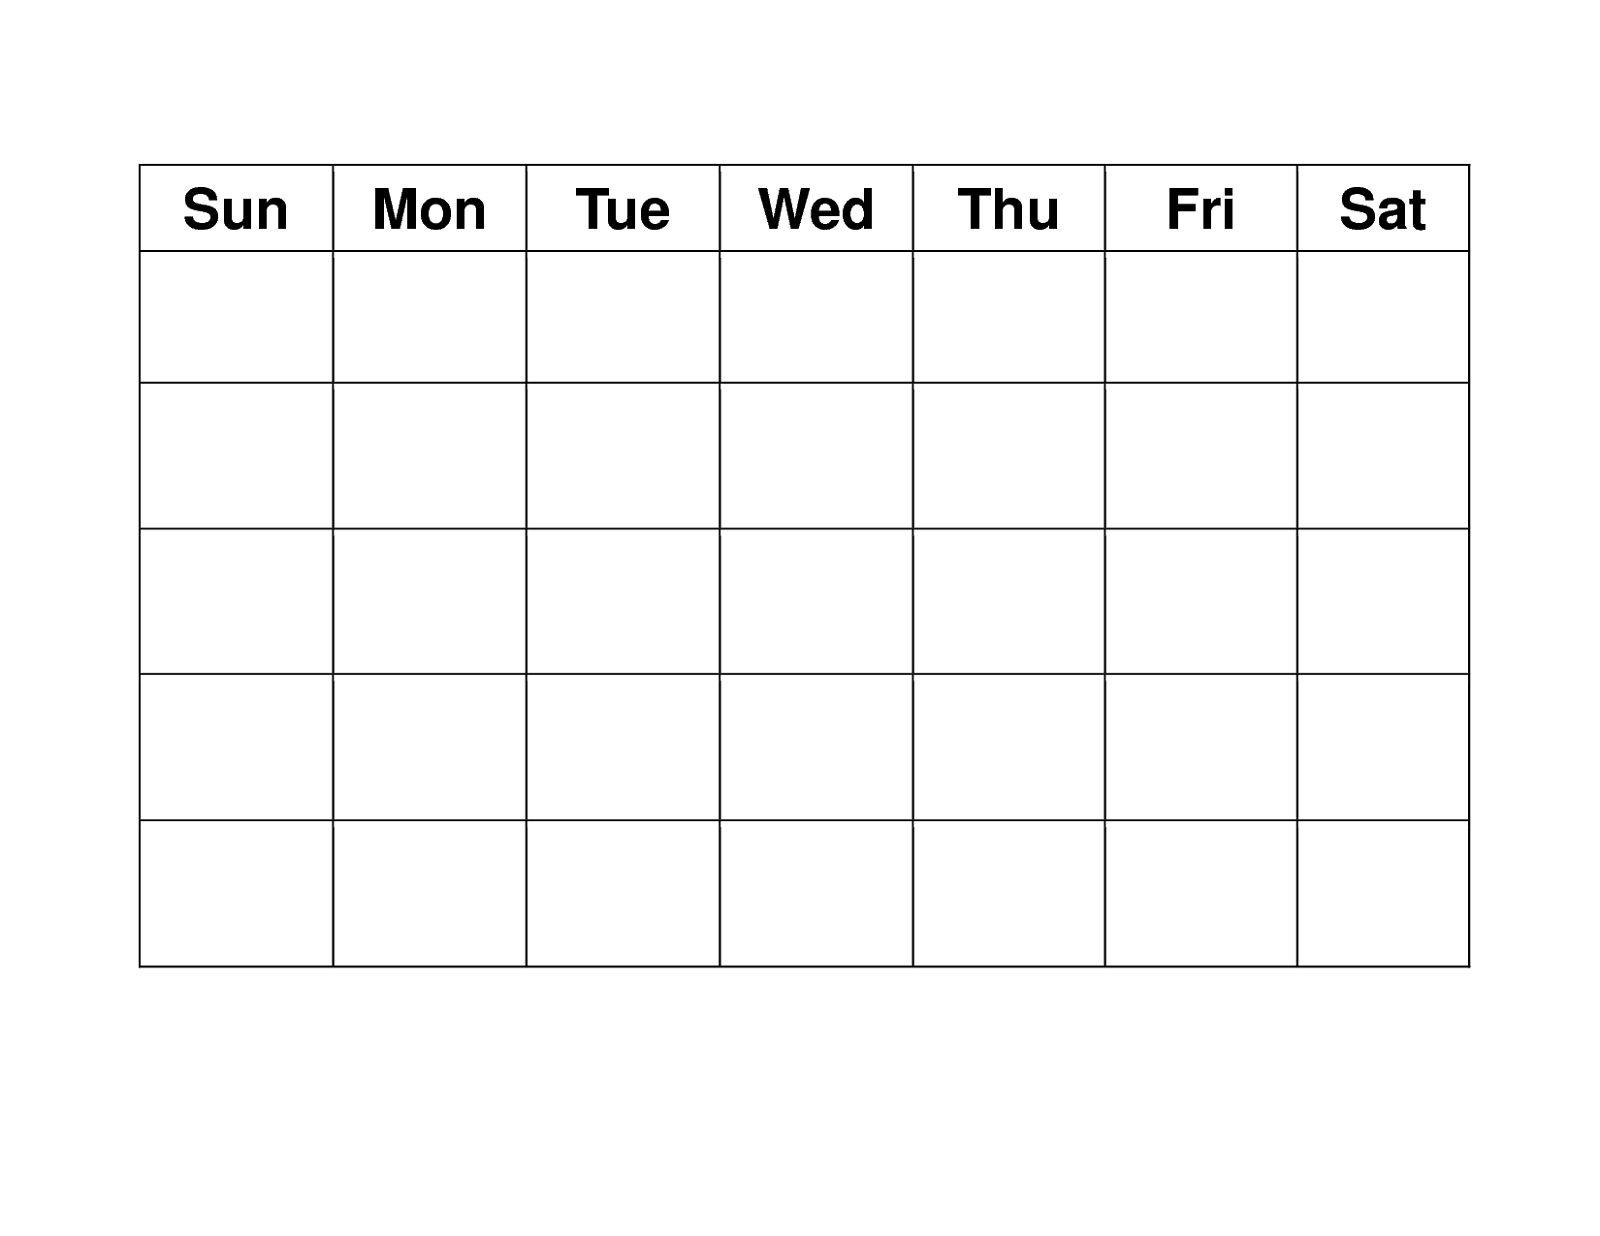 Free 4 Week Blank Calender Template | Blank Weekly Calendar Calendar Template 4 Weeks